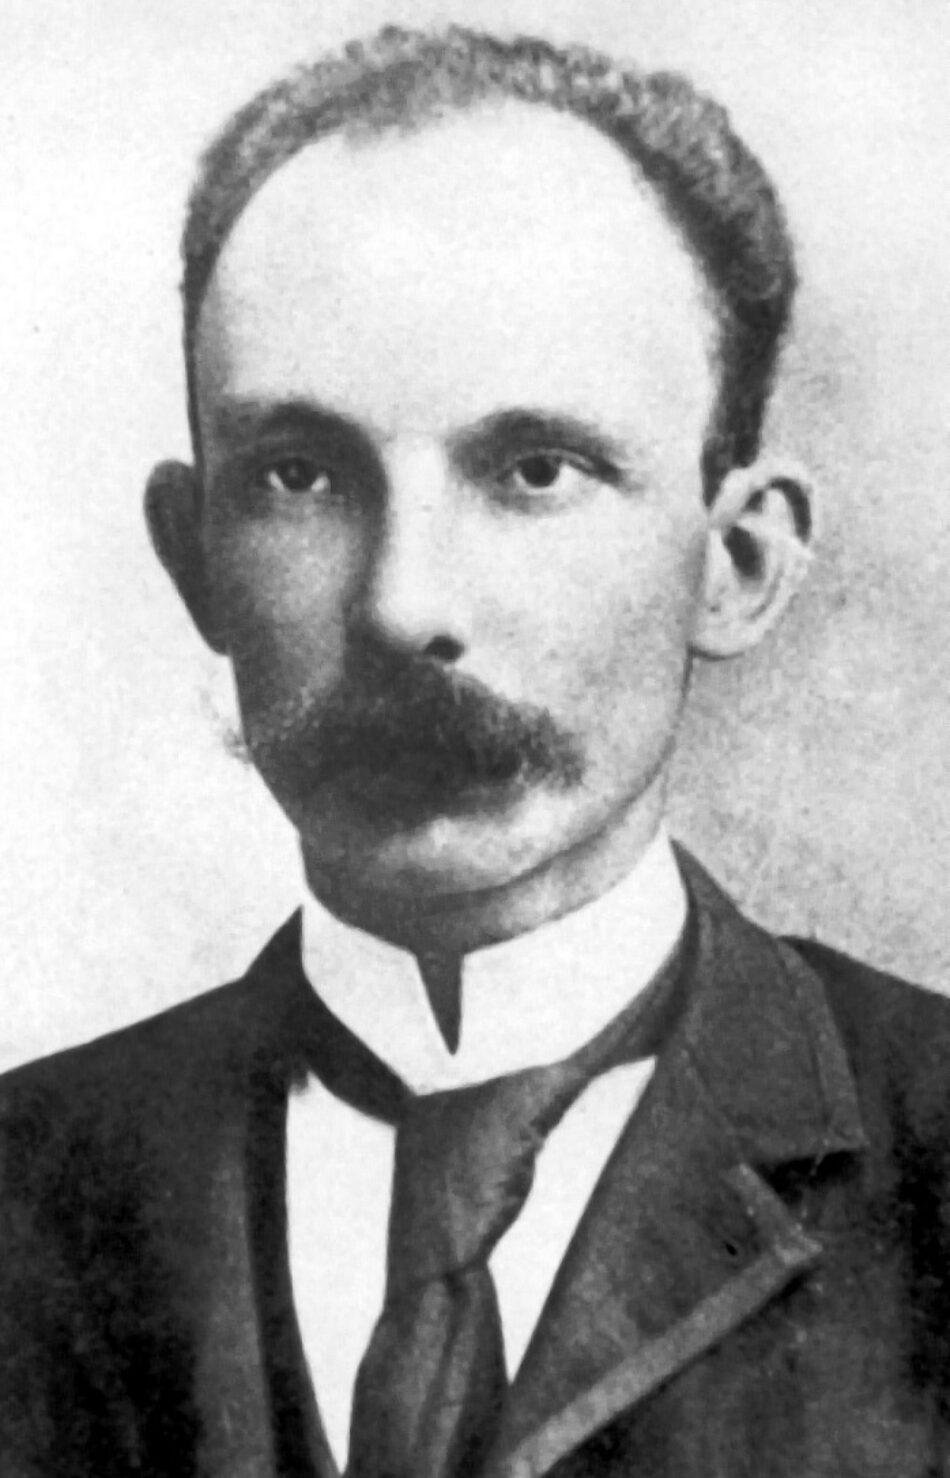 José Martí y el llanto